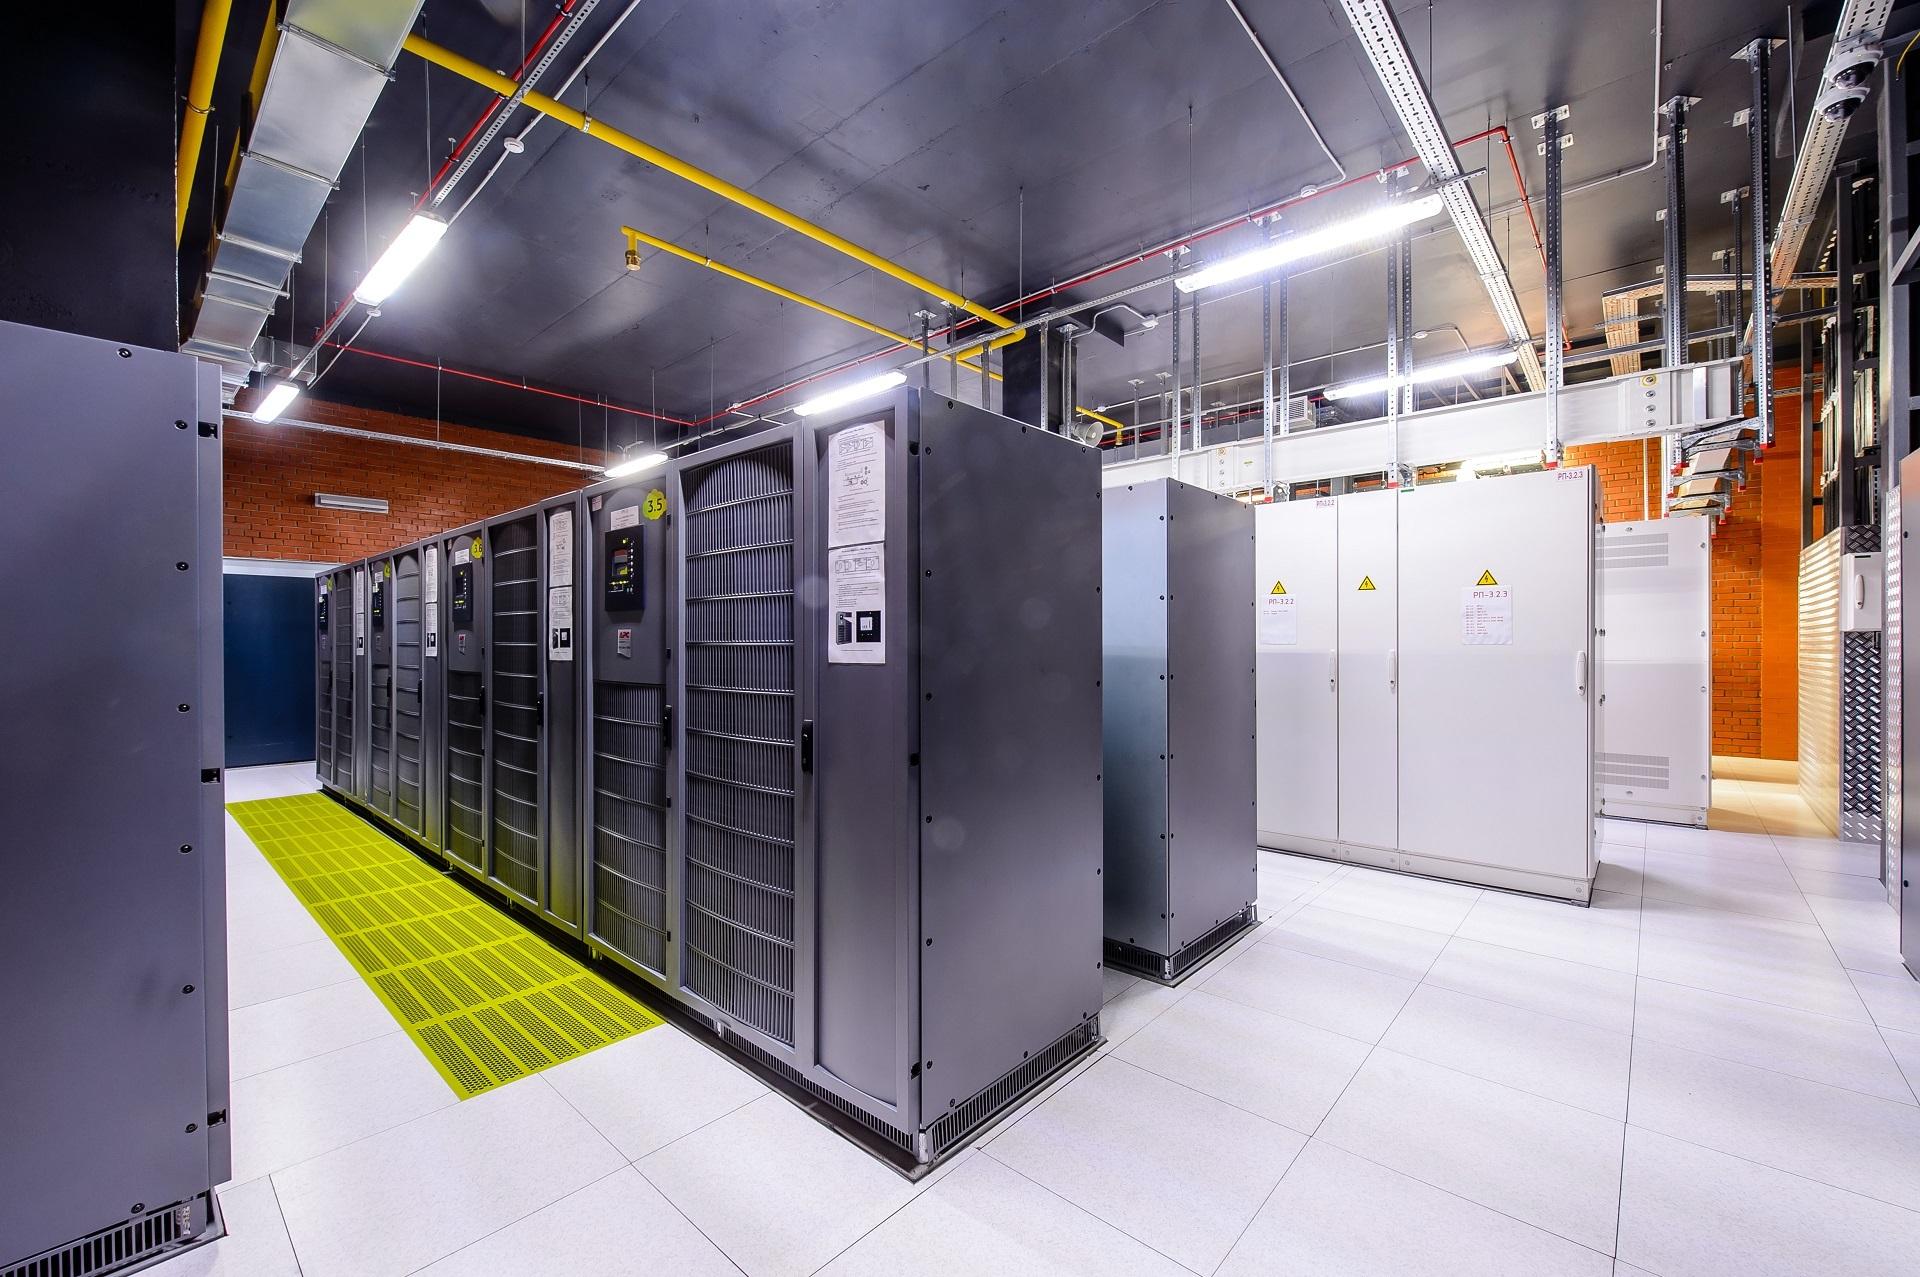 Что такое цоды (центры обработки данных): назначение, выбор, принцип работы